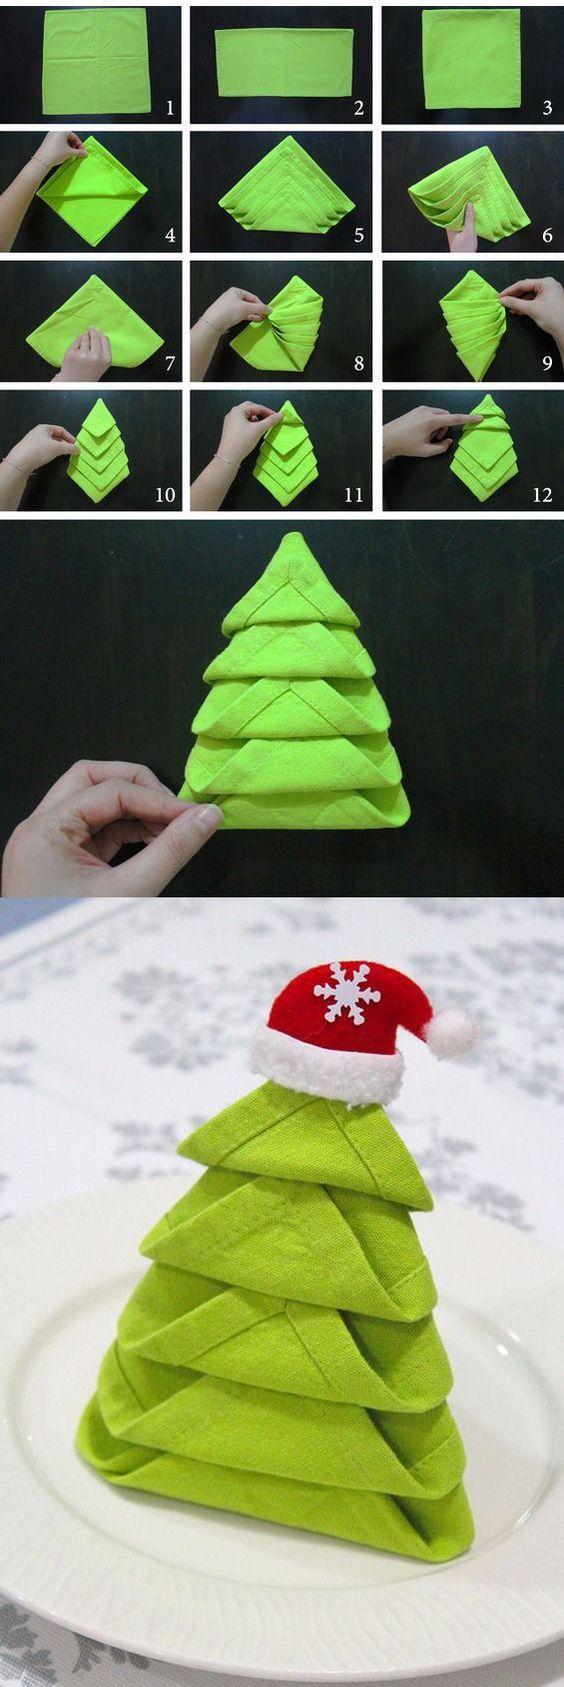 зелена елхичка 2